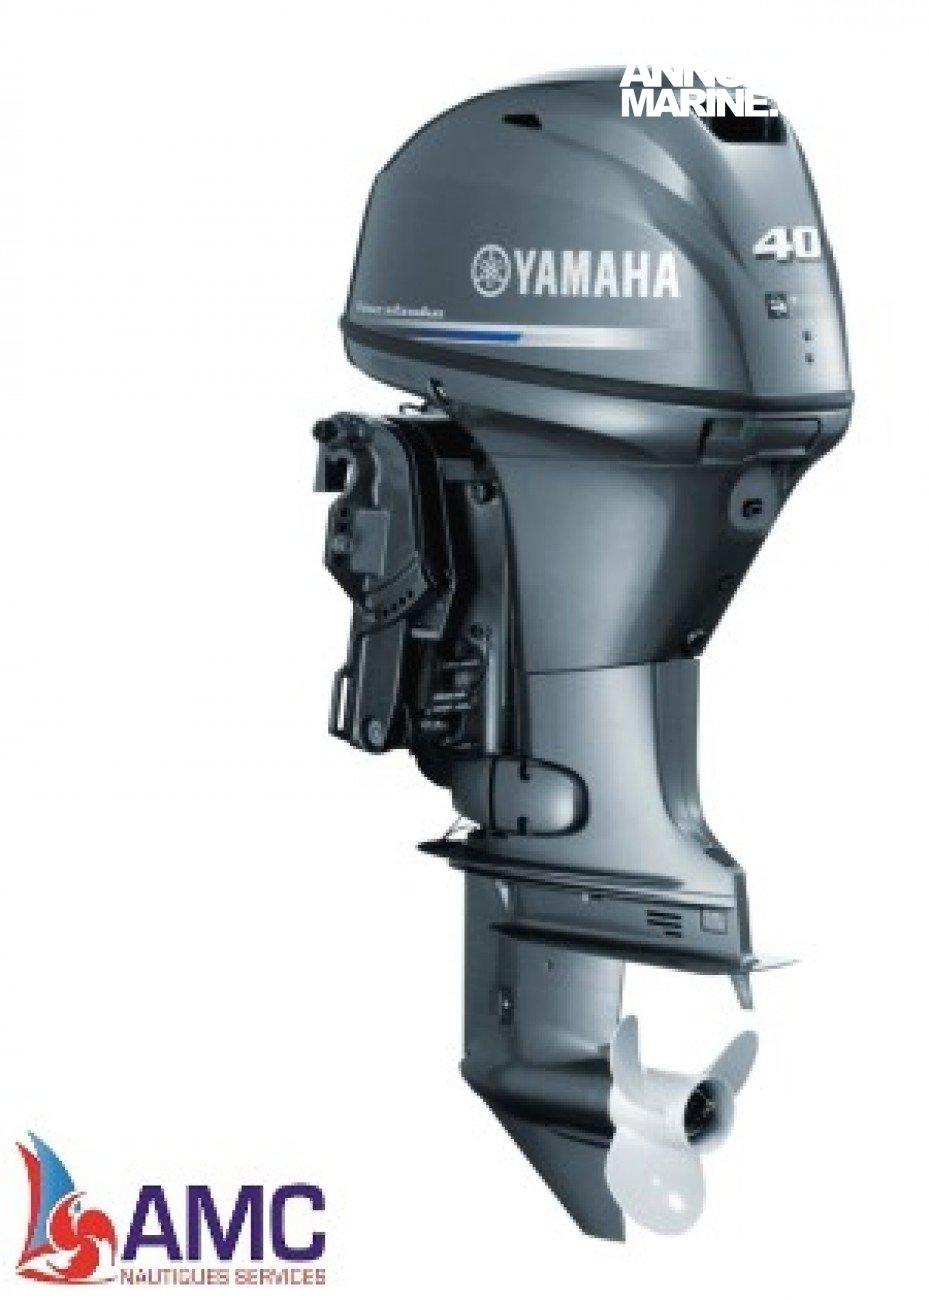 Yamaha 40cv F40 Fehdl Moteur Hors Bord Neuf A La Vente Gironde N 4543